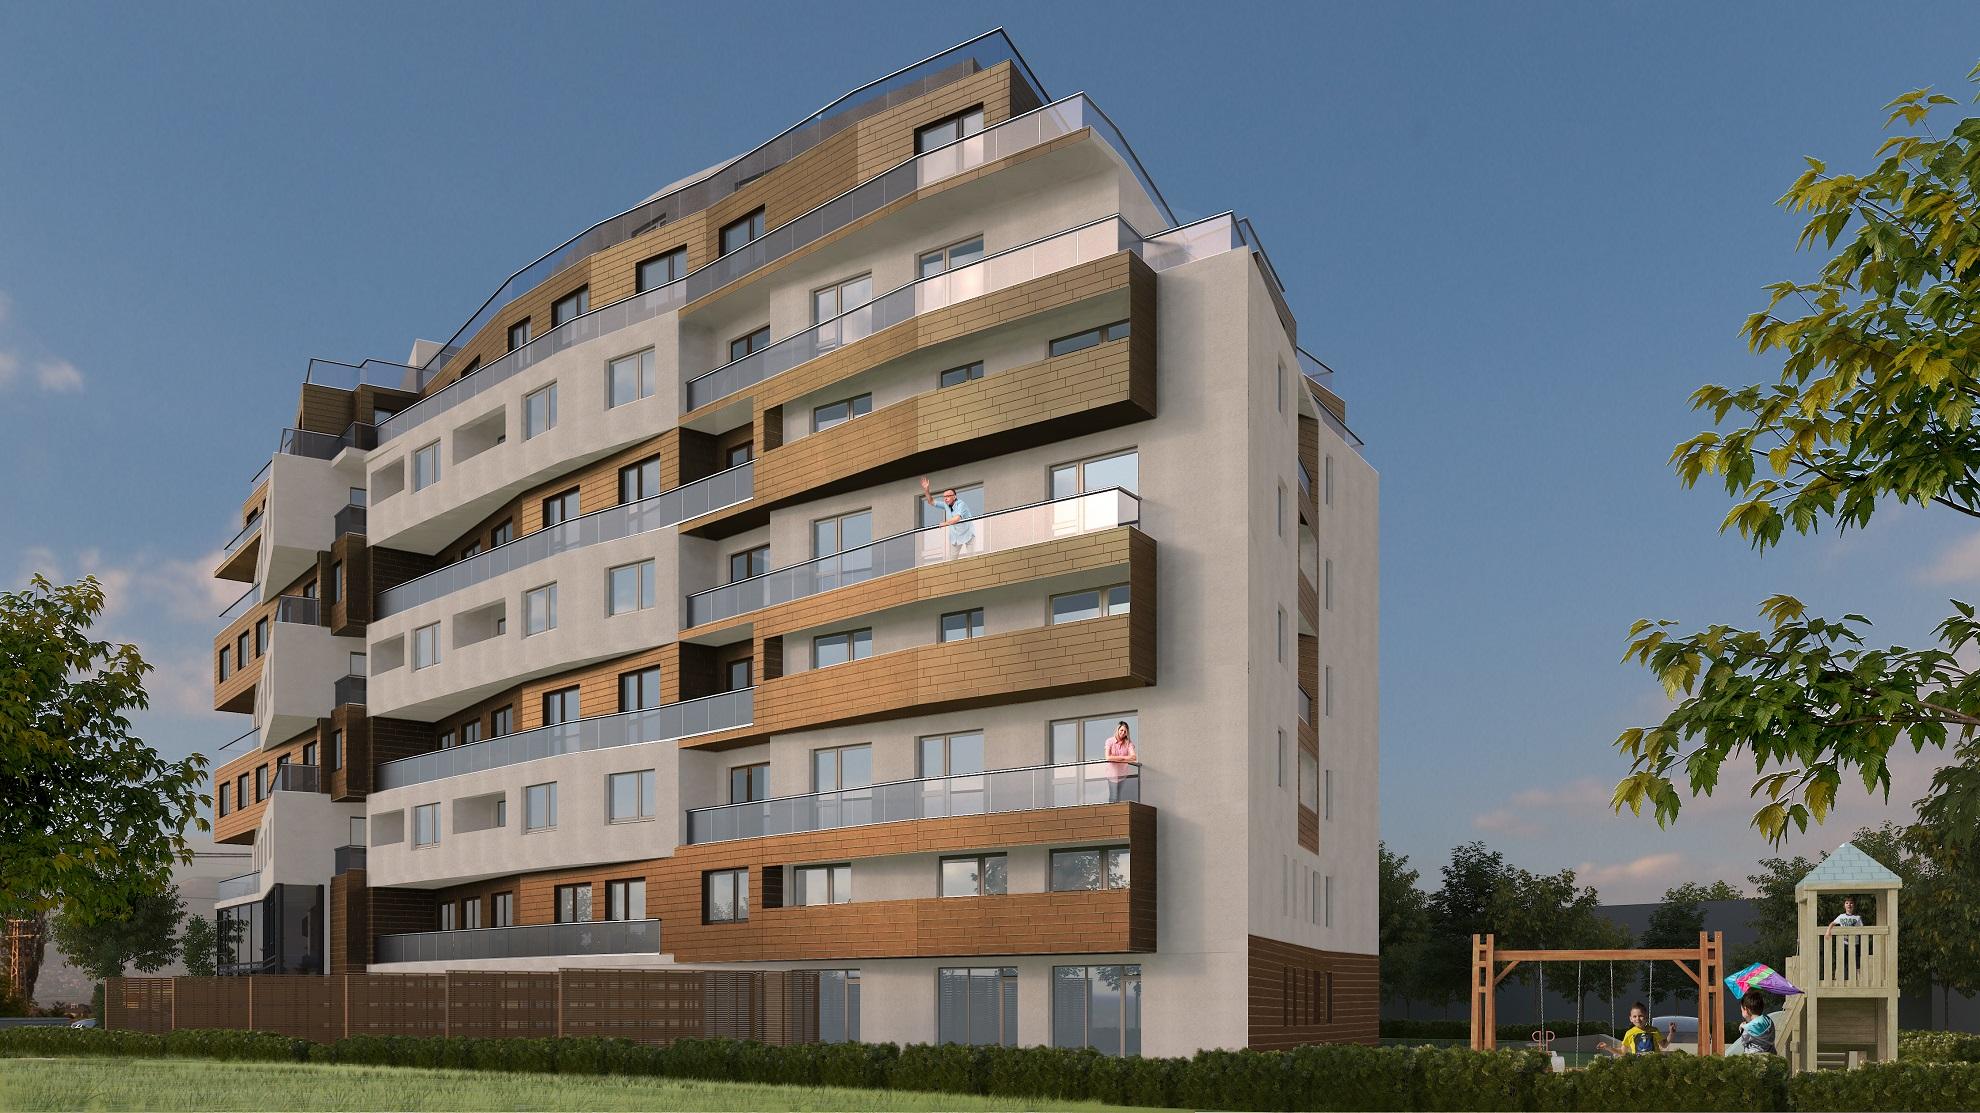 Izidora_main_facade